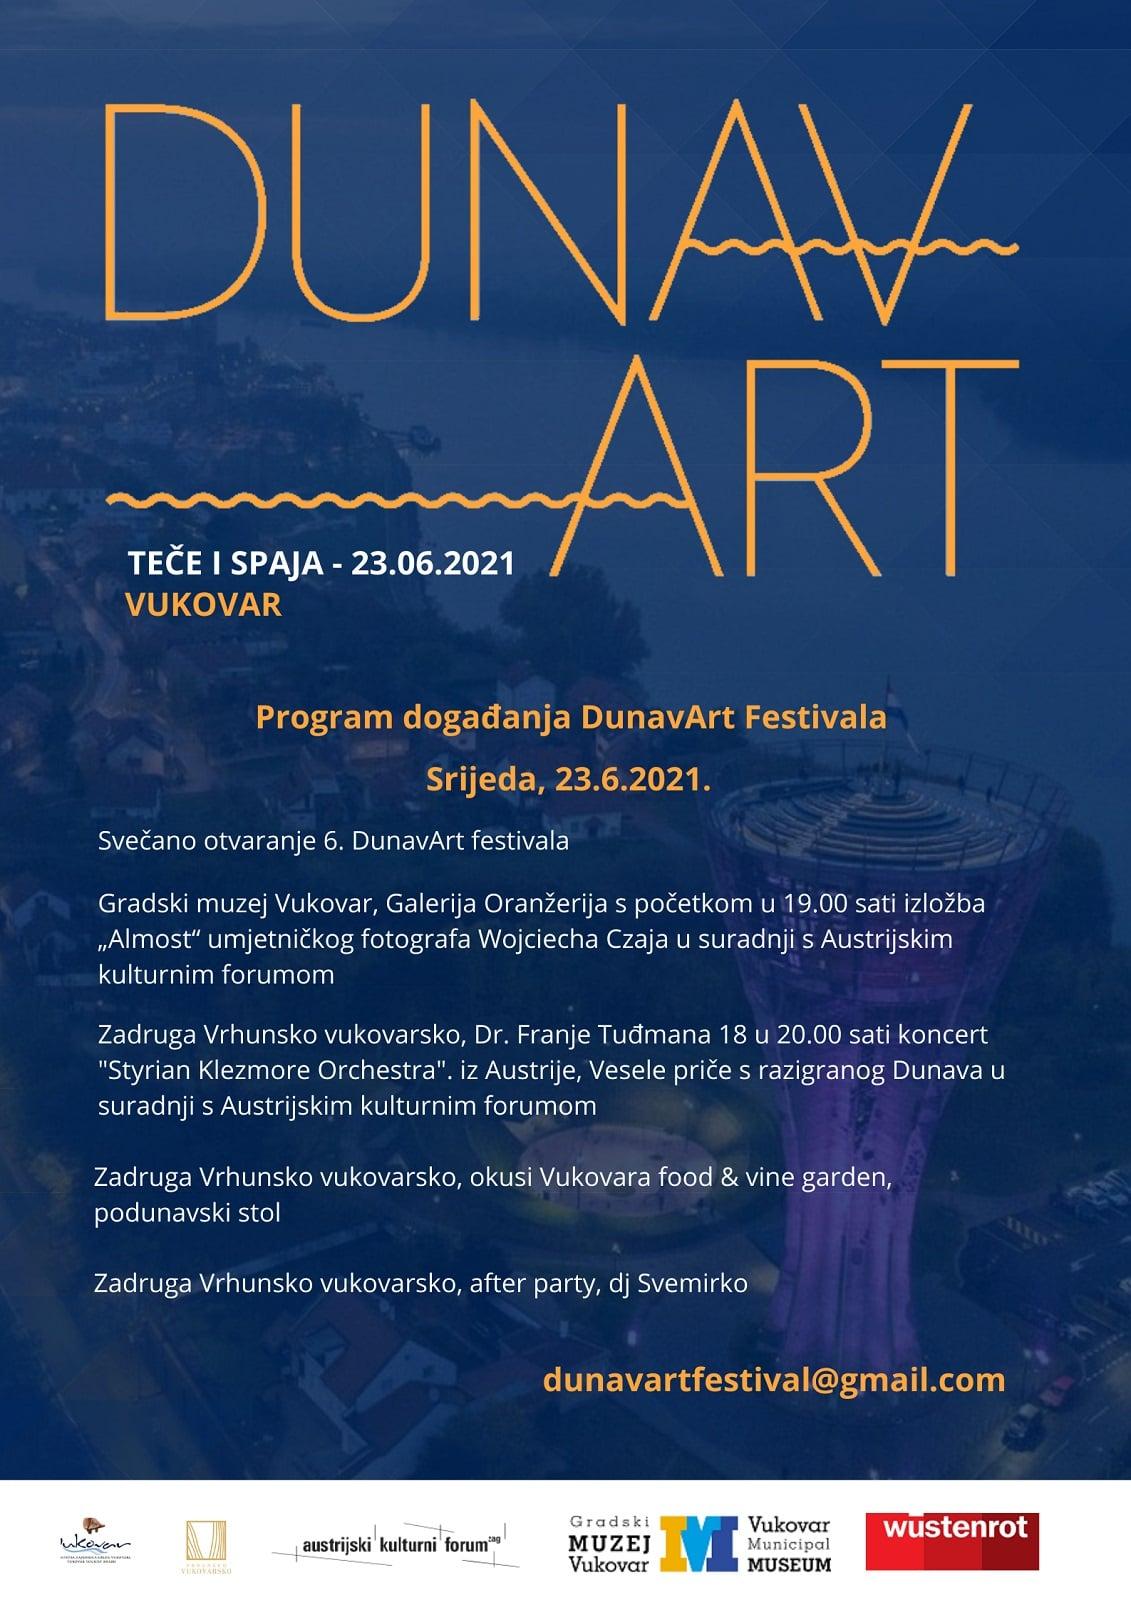 Dunav Art Festival